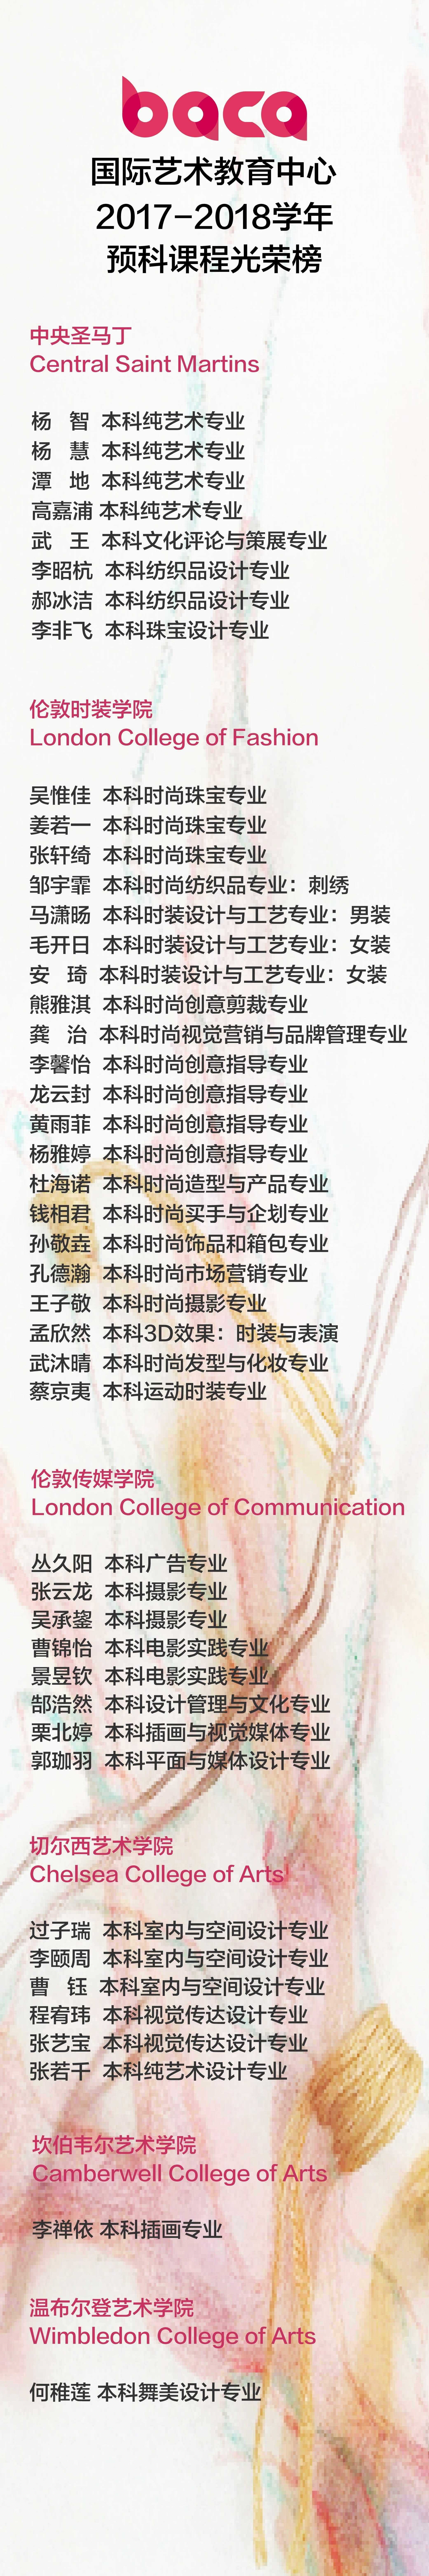 2018光荣榜